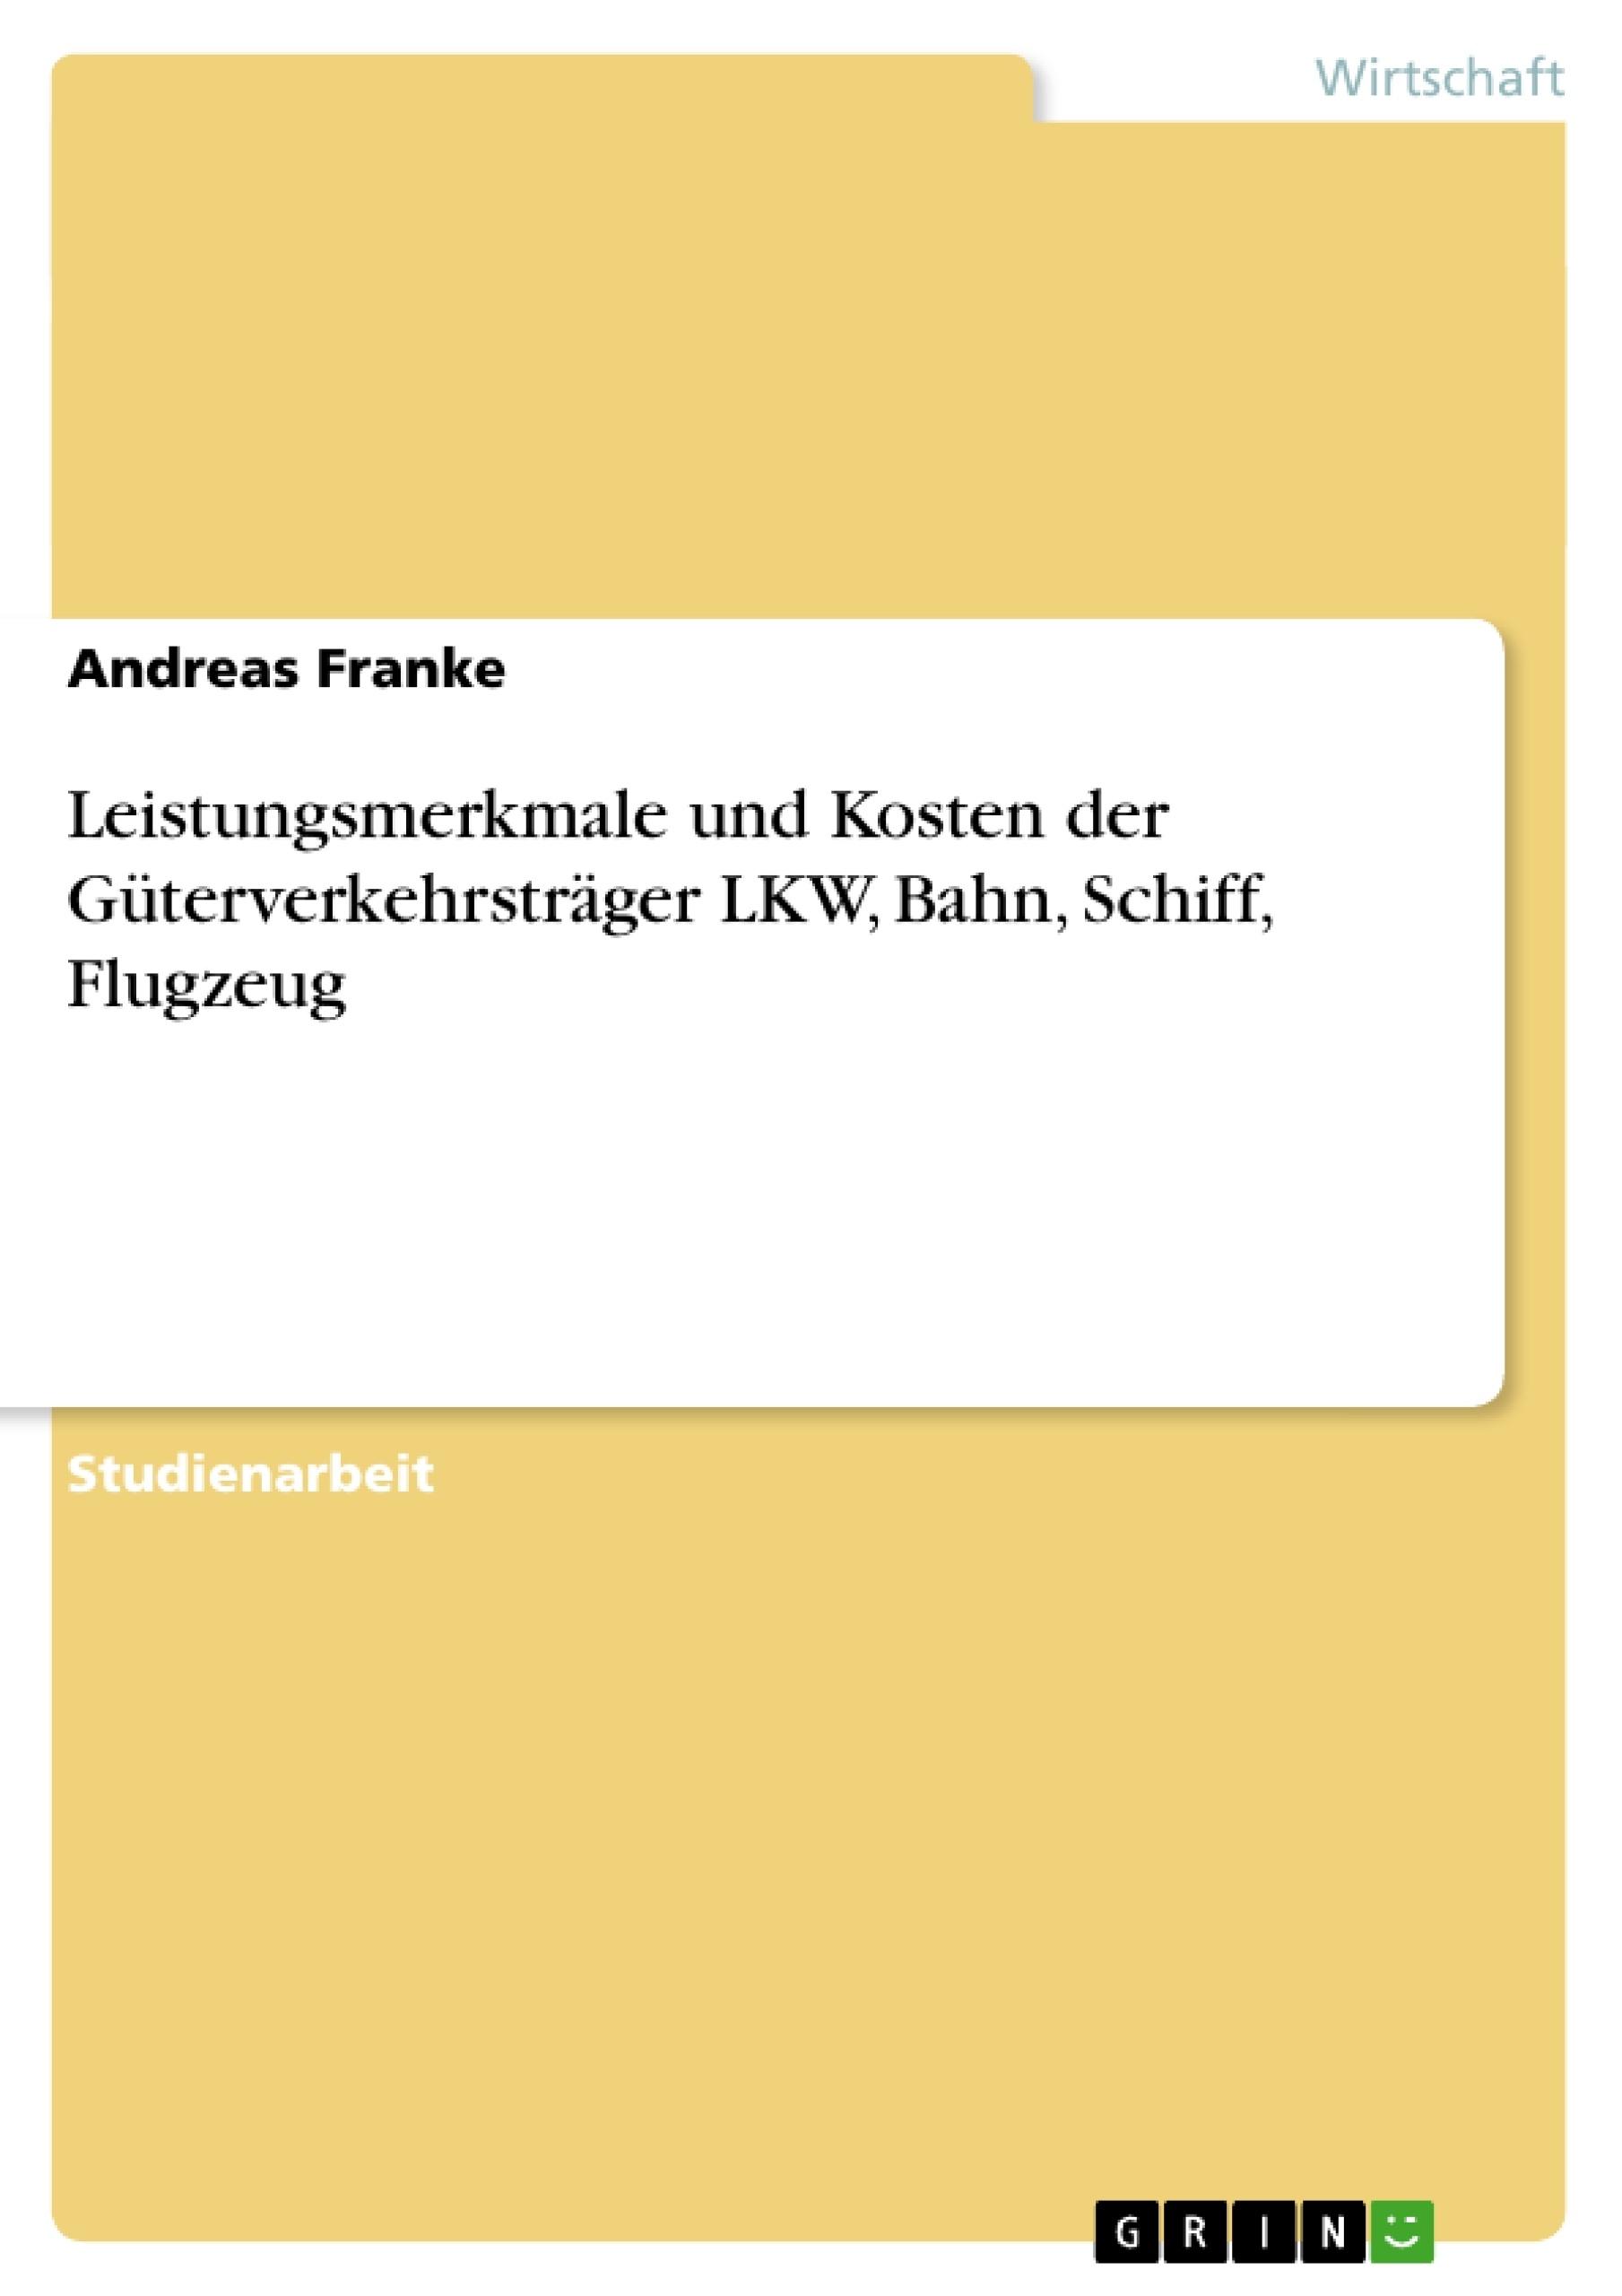 Titel: Leistungsmerkmale und Kosten der Güterverkehrsträger LKW, Bahn, Schiff, Flugzeug